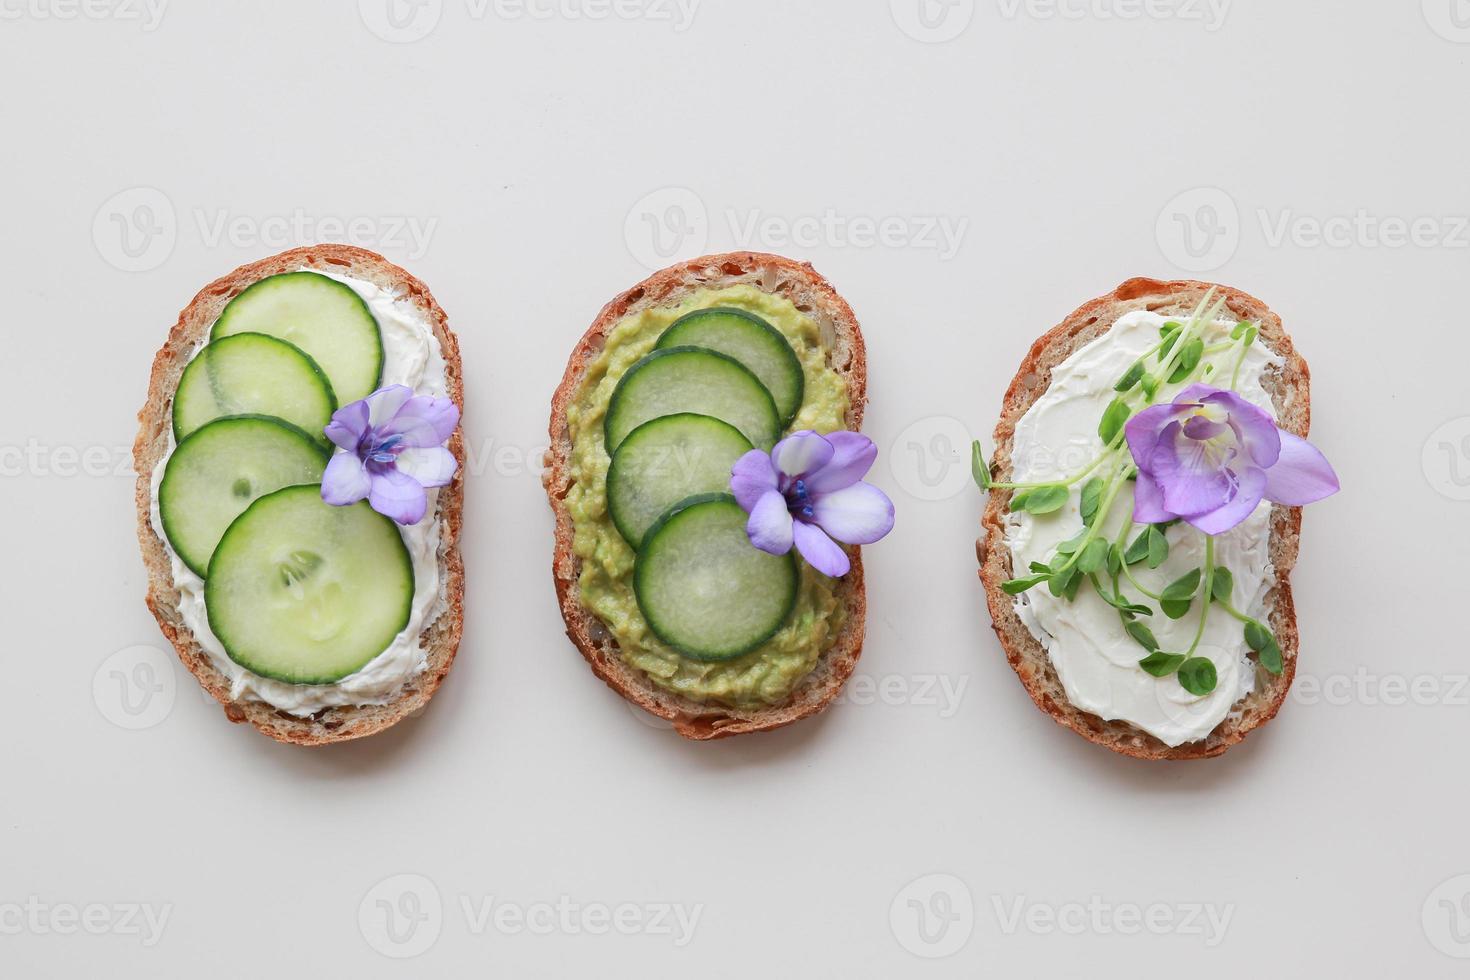 Sandwichs au visage vert au levain avec fleurs comestibles violettes photo